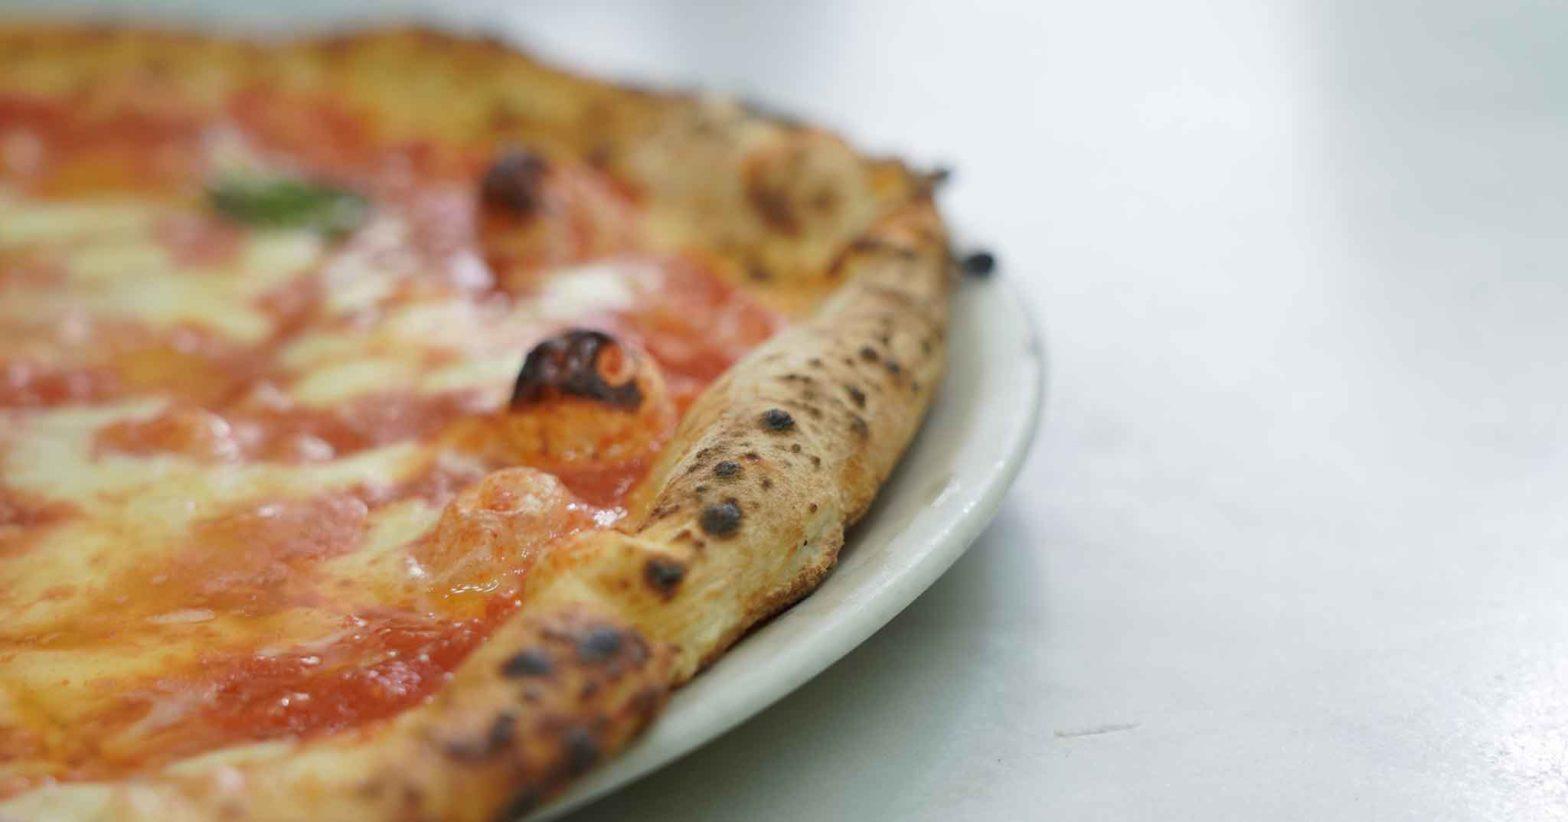 Pizza napoletana a ruota di carro fatta in casa Cornicione